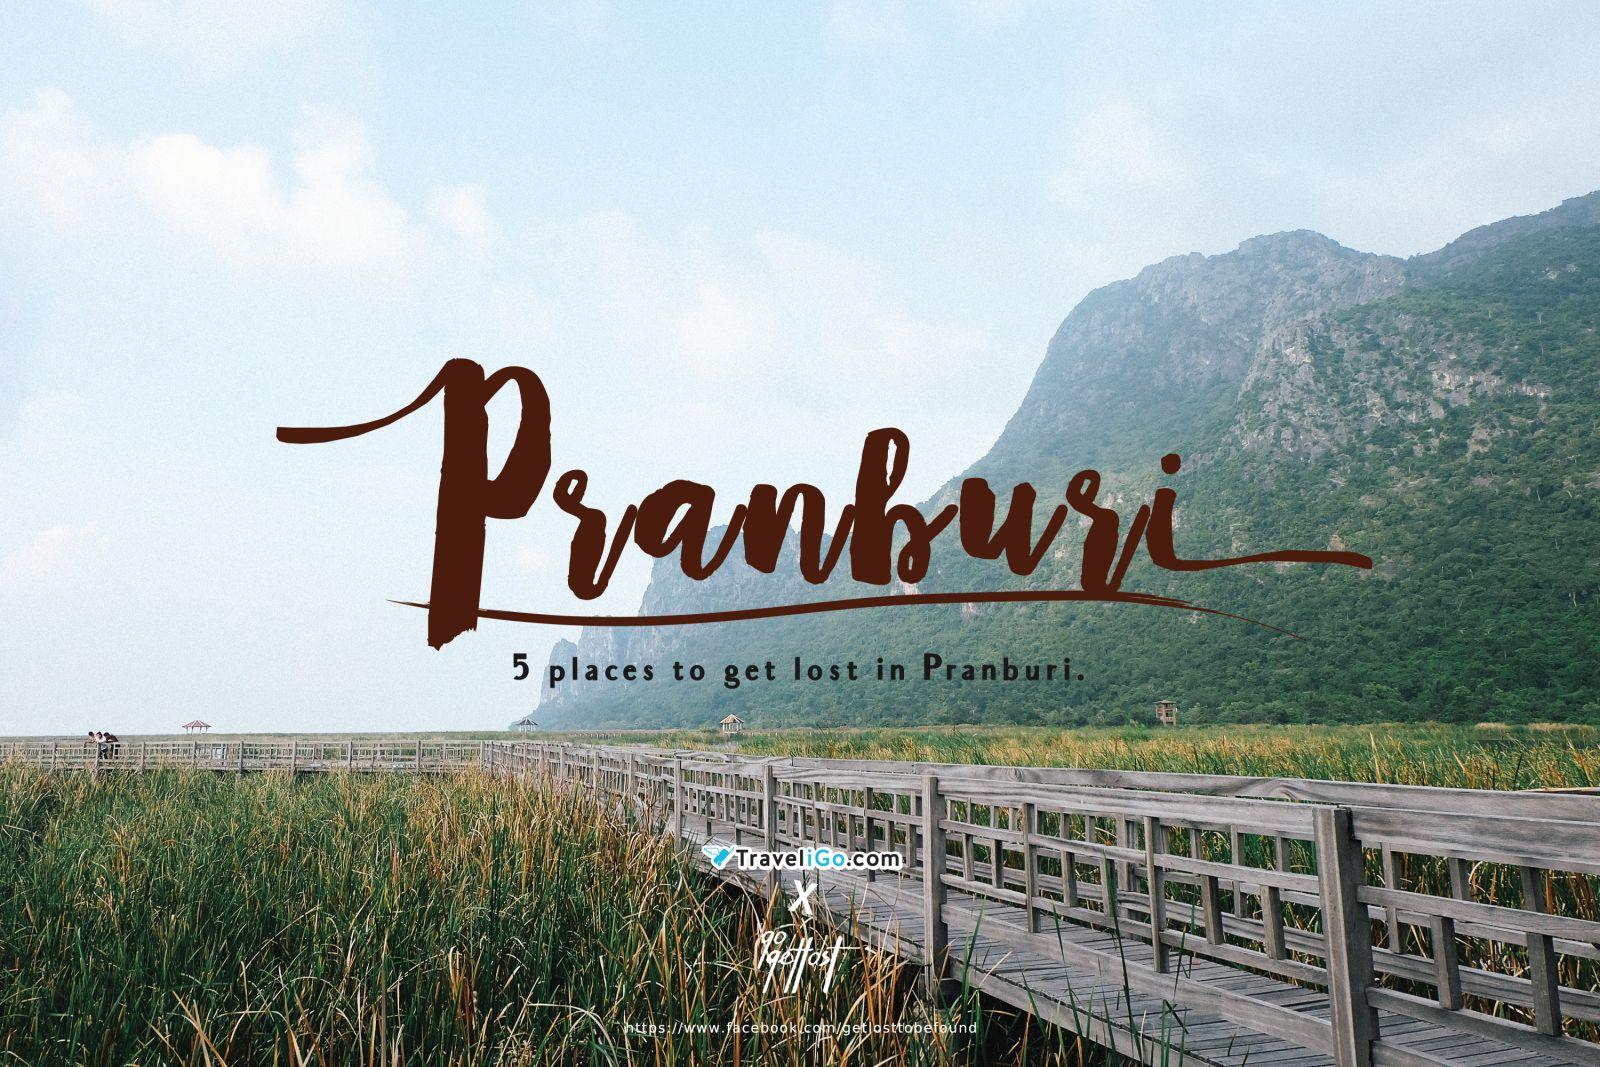 Traveligo X Gogetlost : at Pranburi